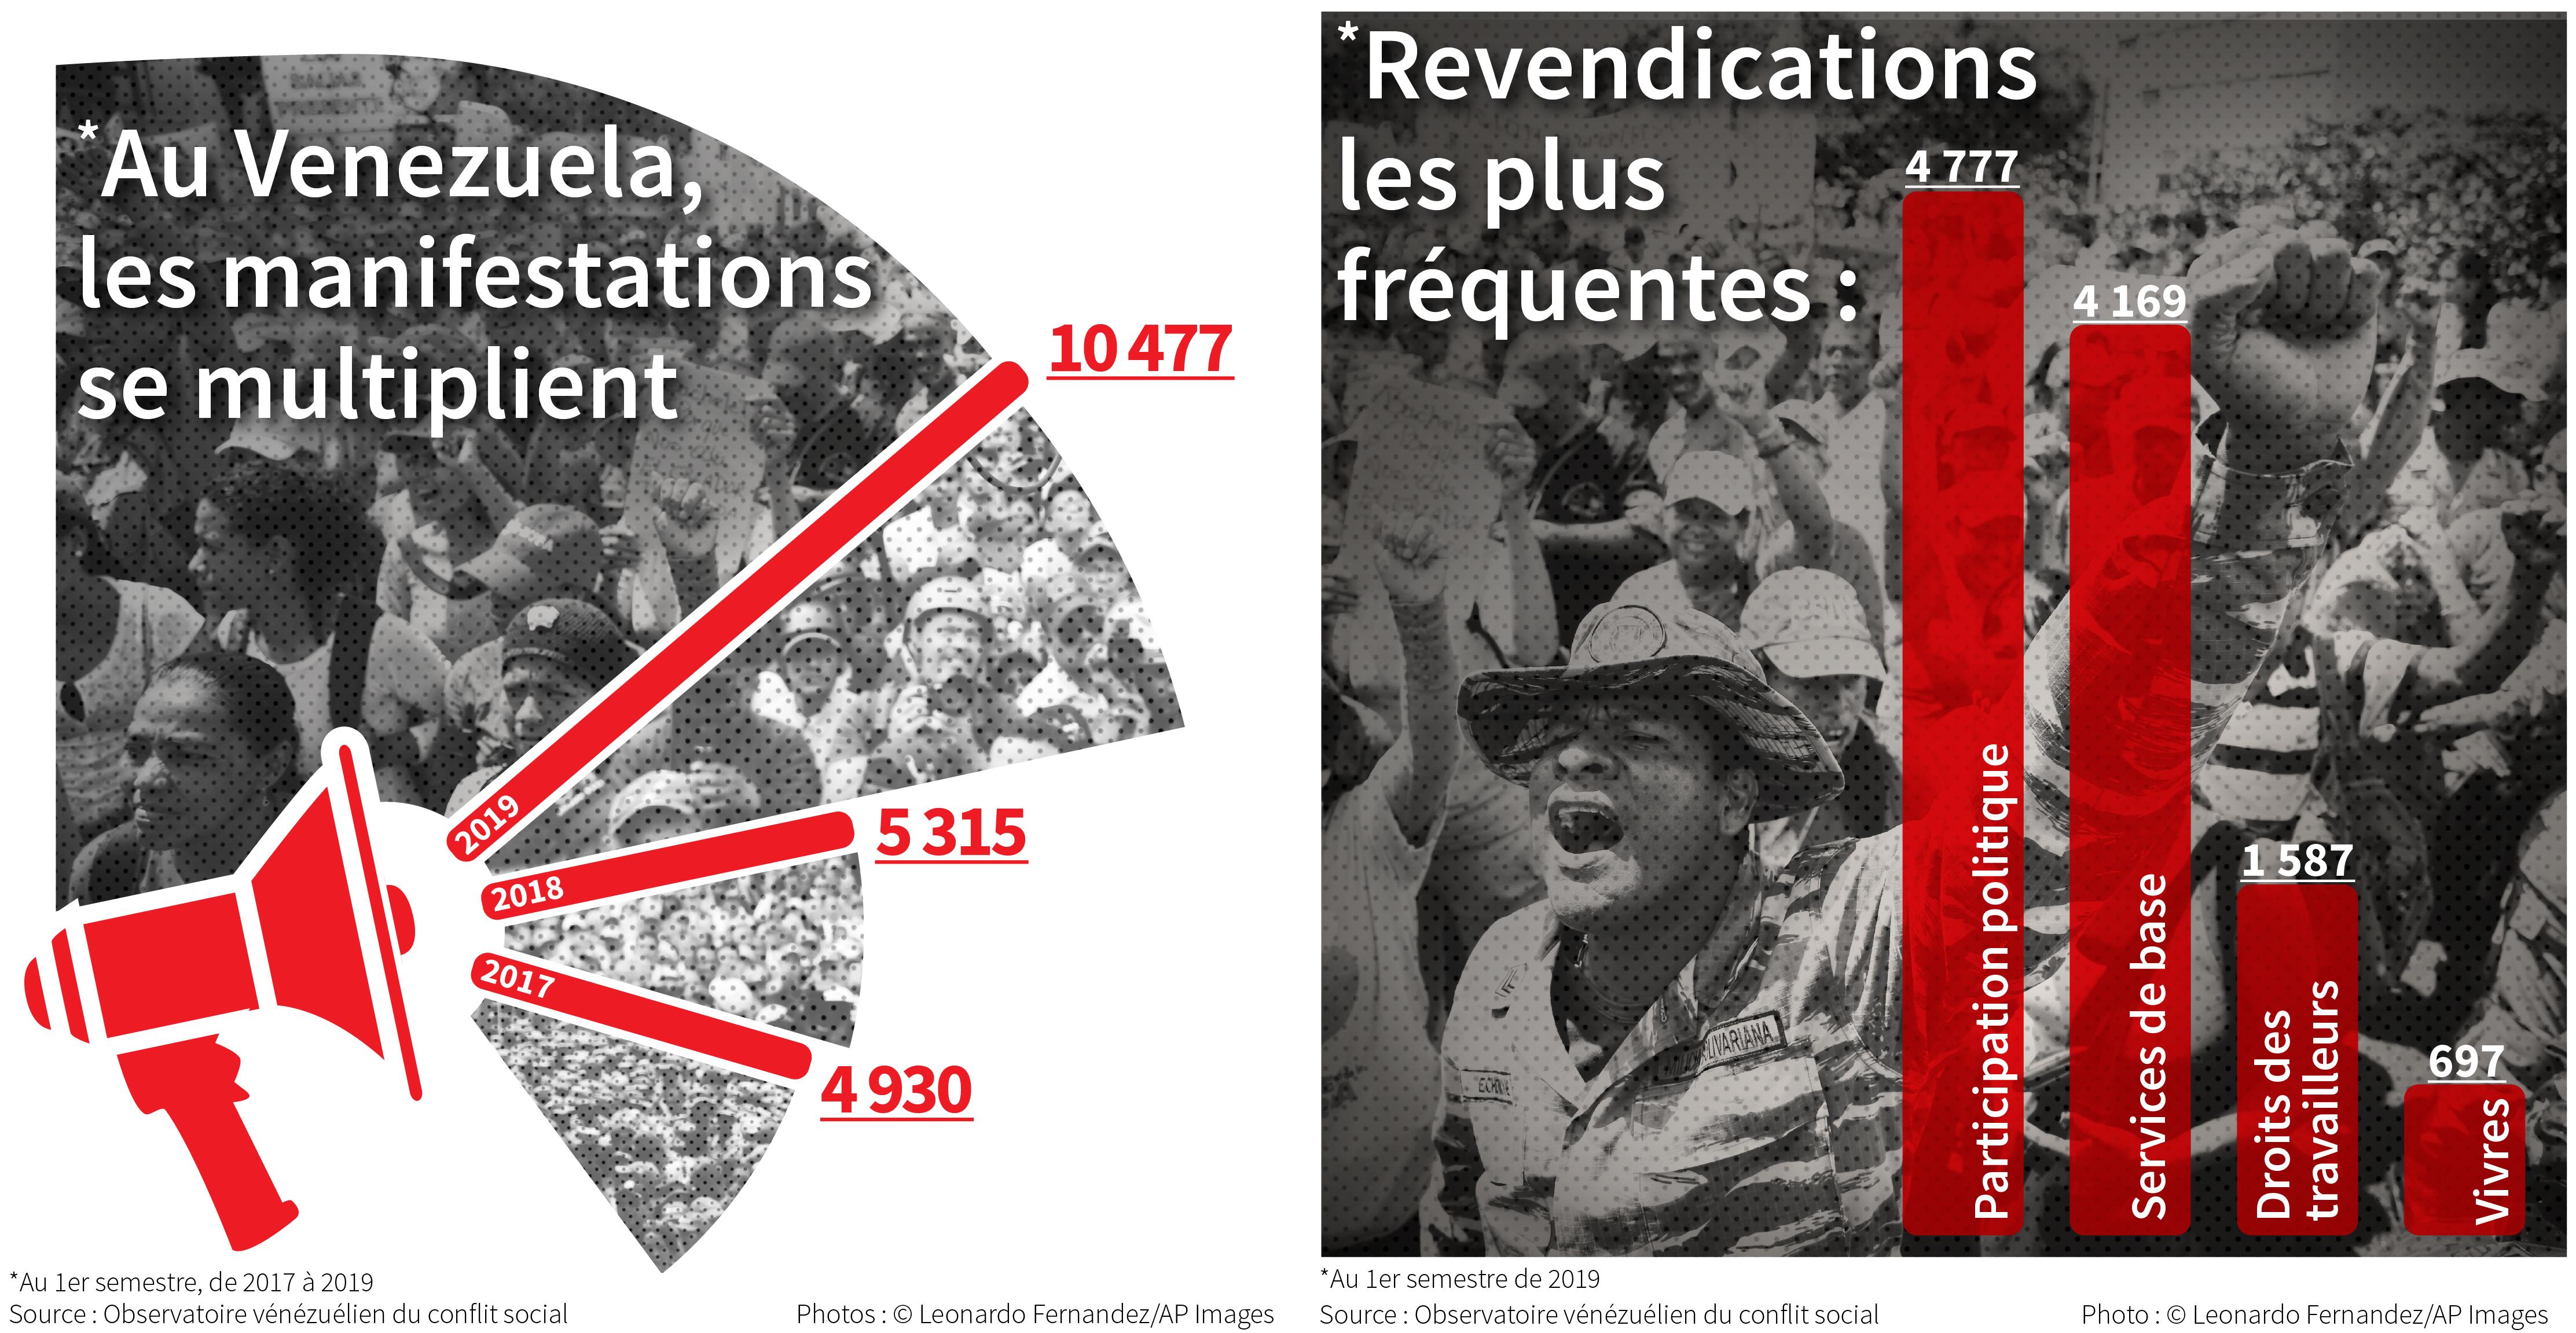 Infographie contenant des photos de manifestations et des graphiques indiquant l'augmentation du nombre de manifestations au Venezuela et les revendications les plus fréquentes (Département d'État/Photos © Leonardo Fernandez/AP Images)